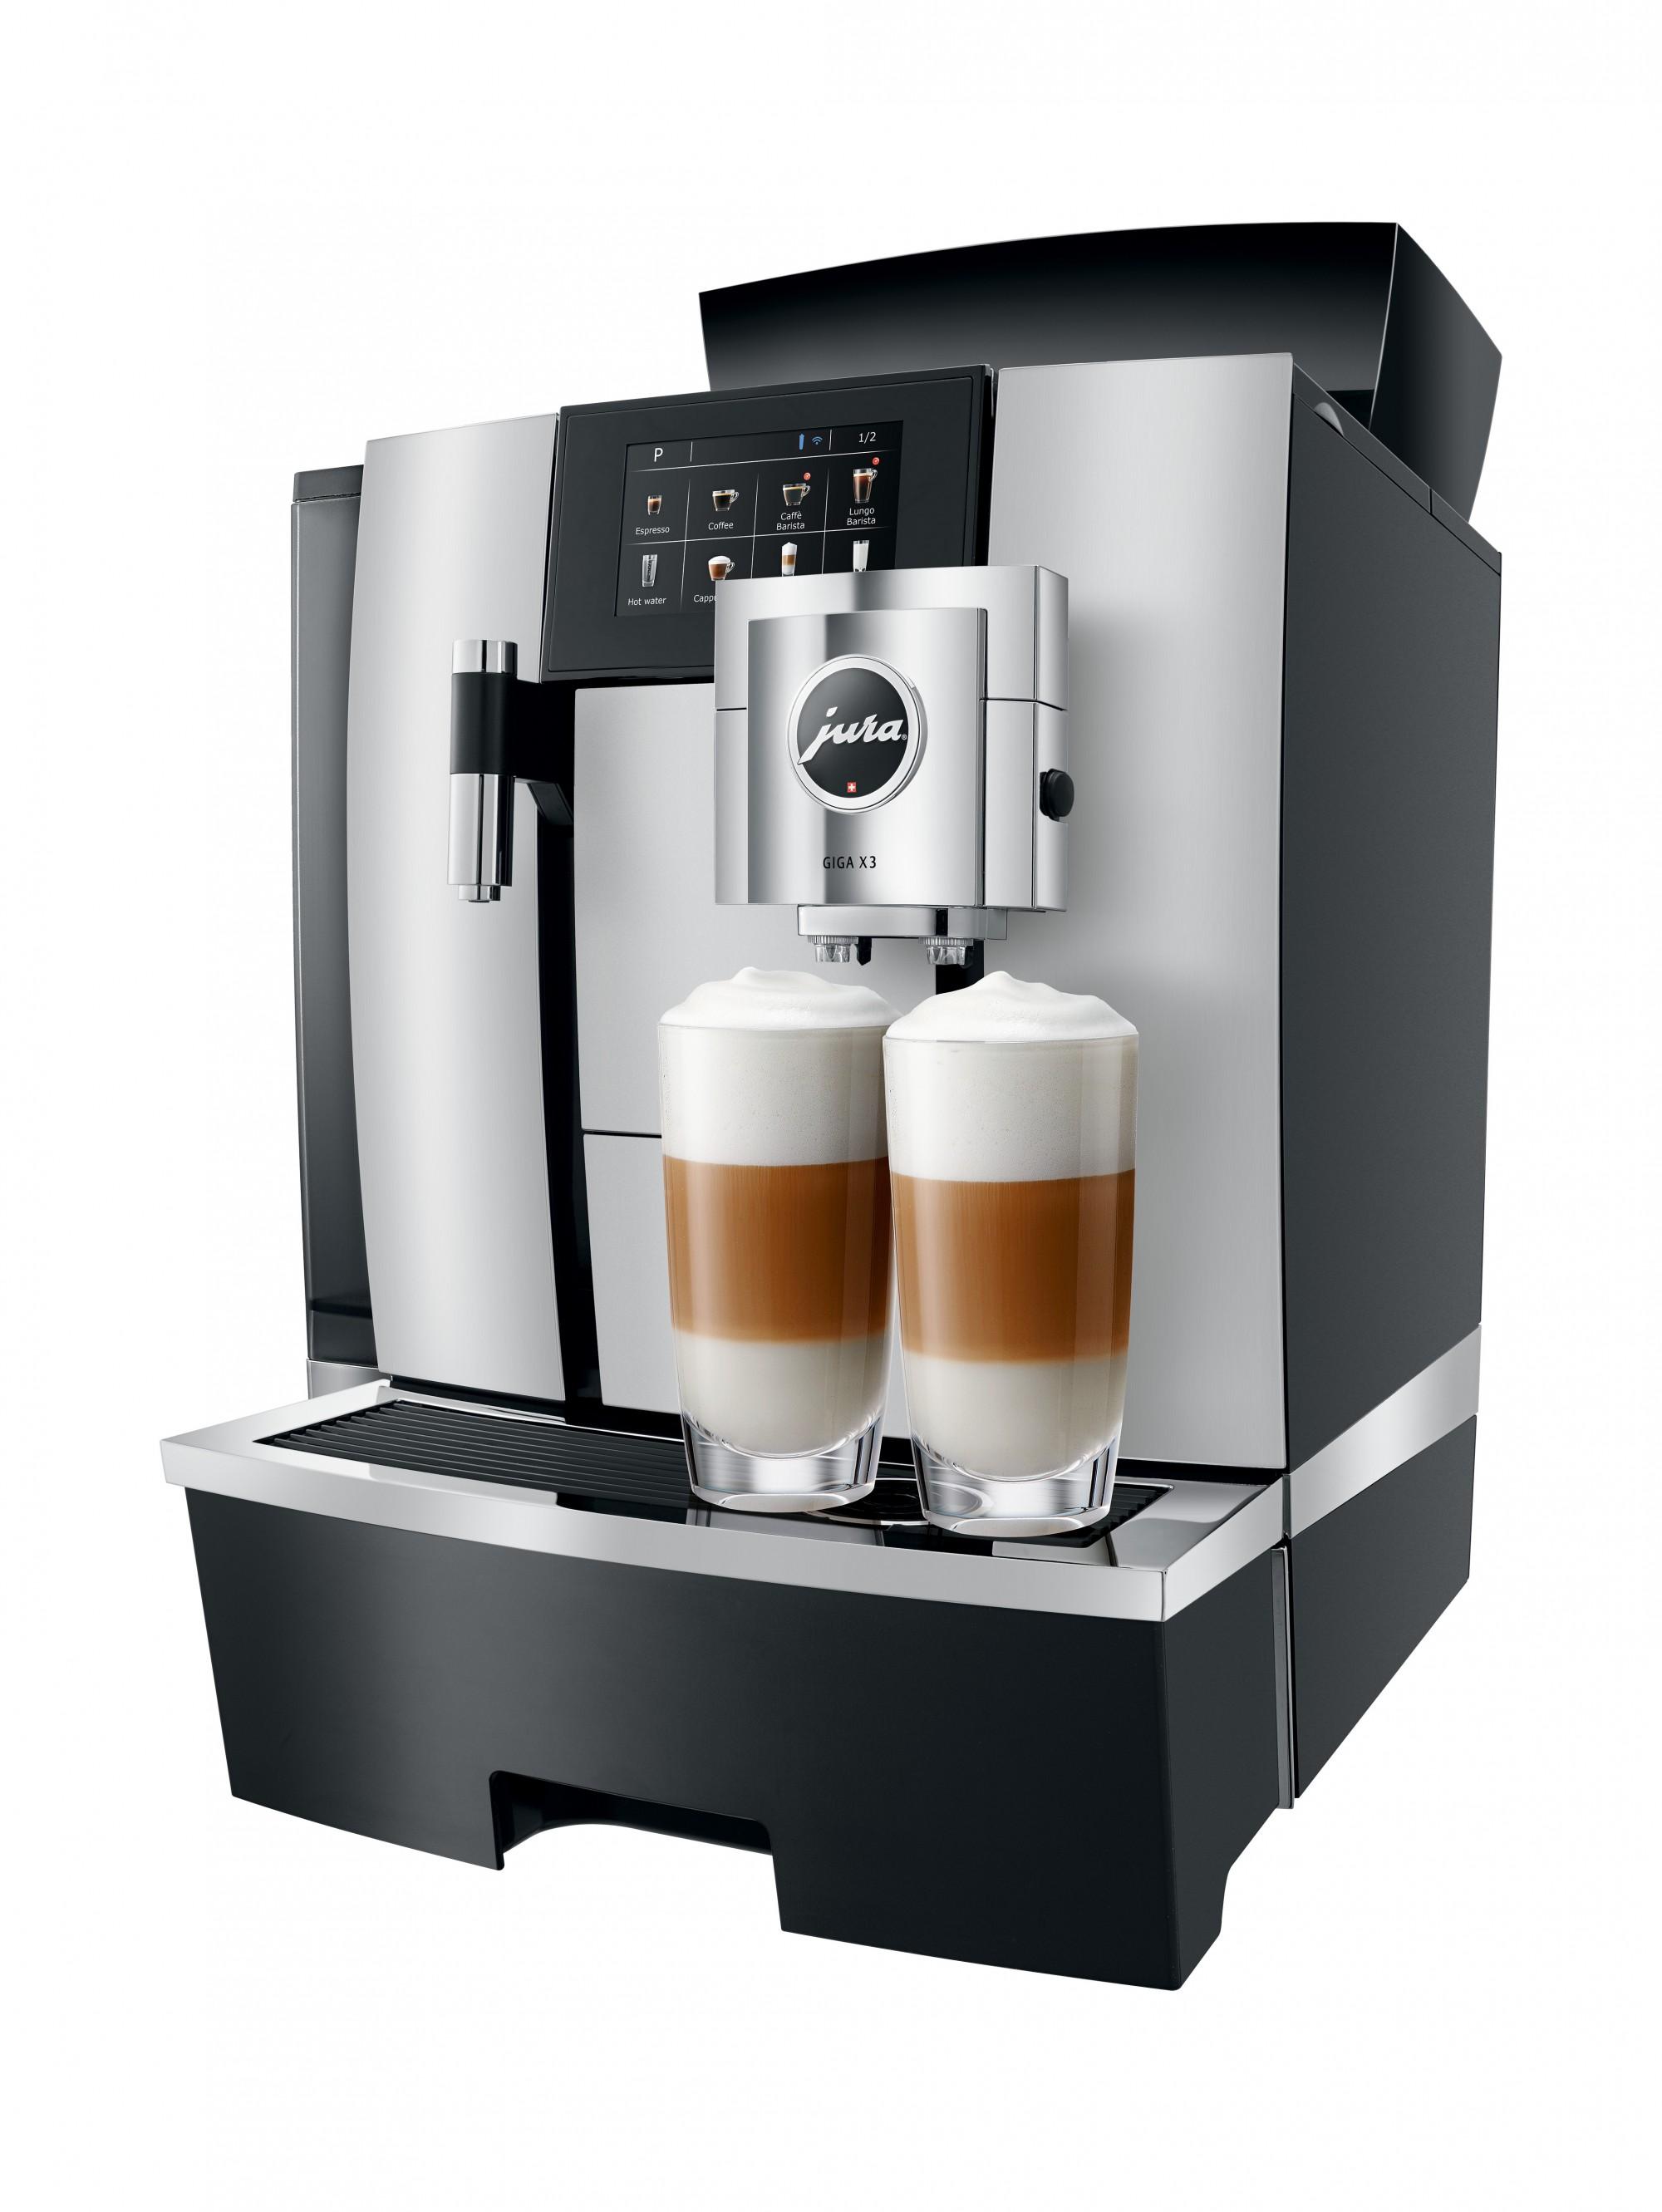 Zakelijke koffiemachine met latte macchiato en cappuccino